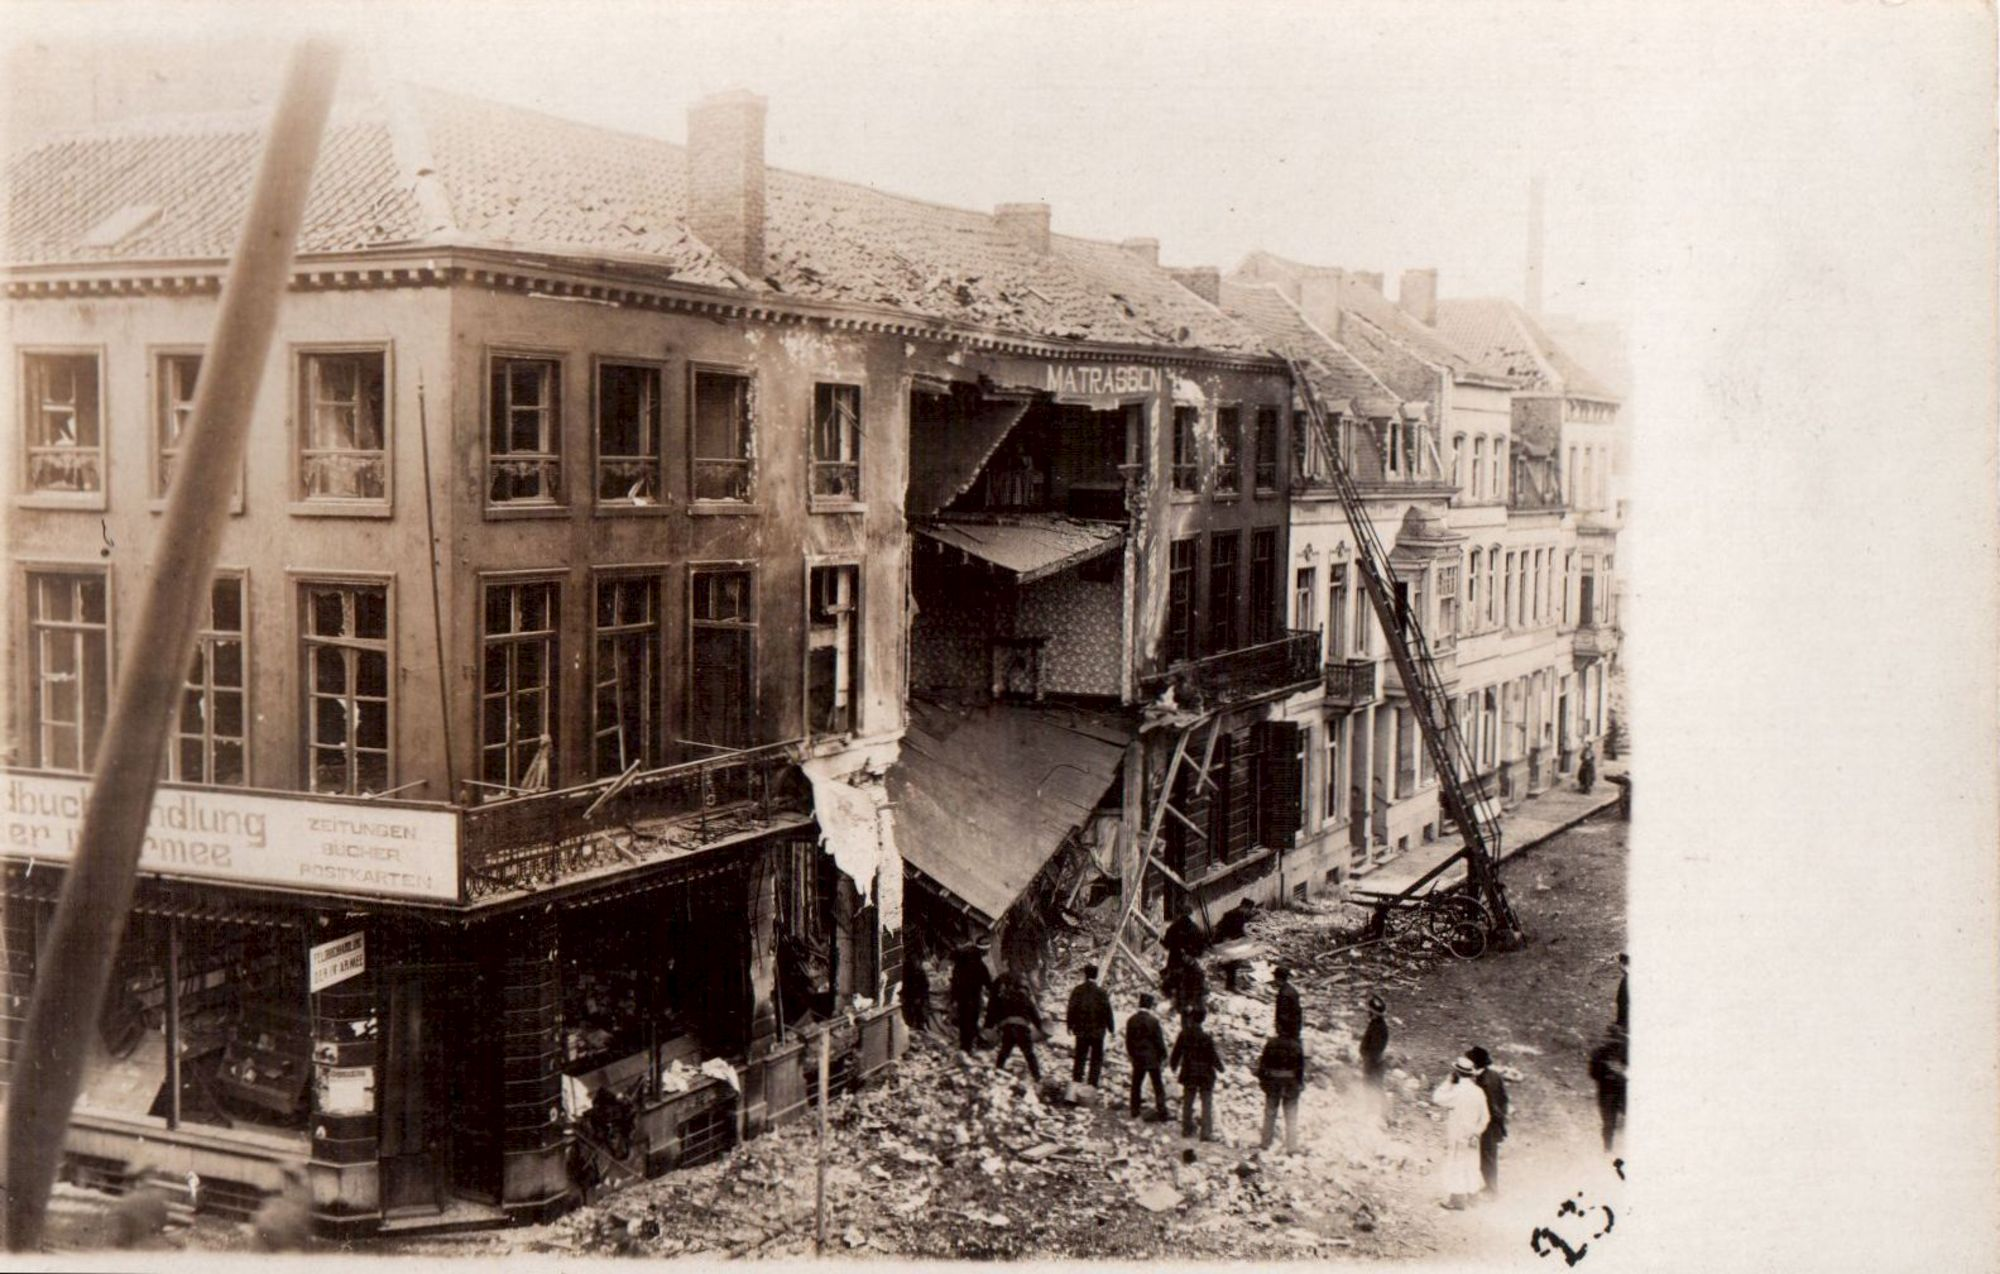 Oorlogsschade aan de Dolfijnkaai in 1917